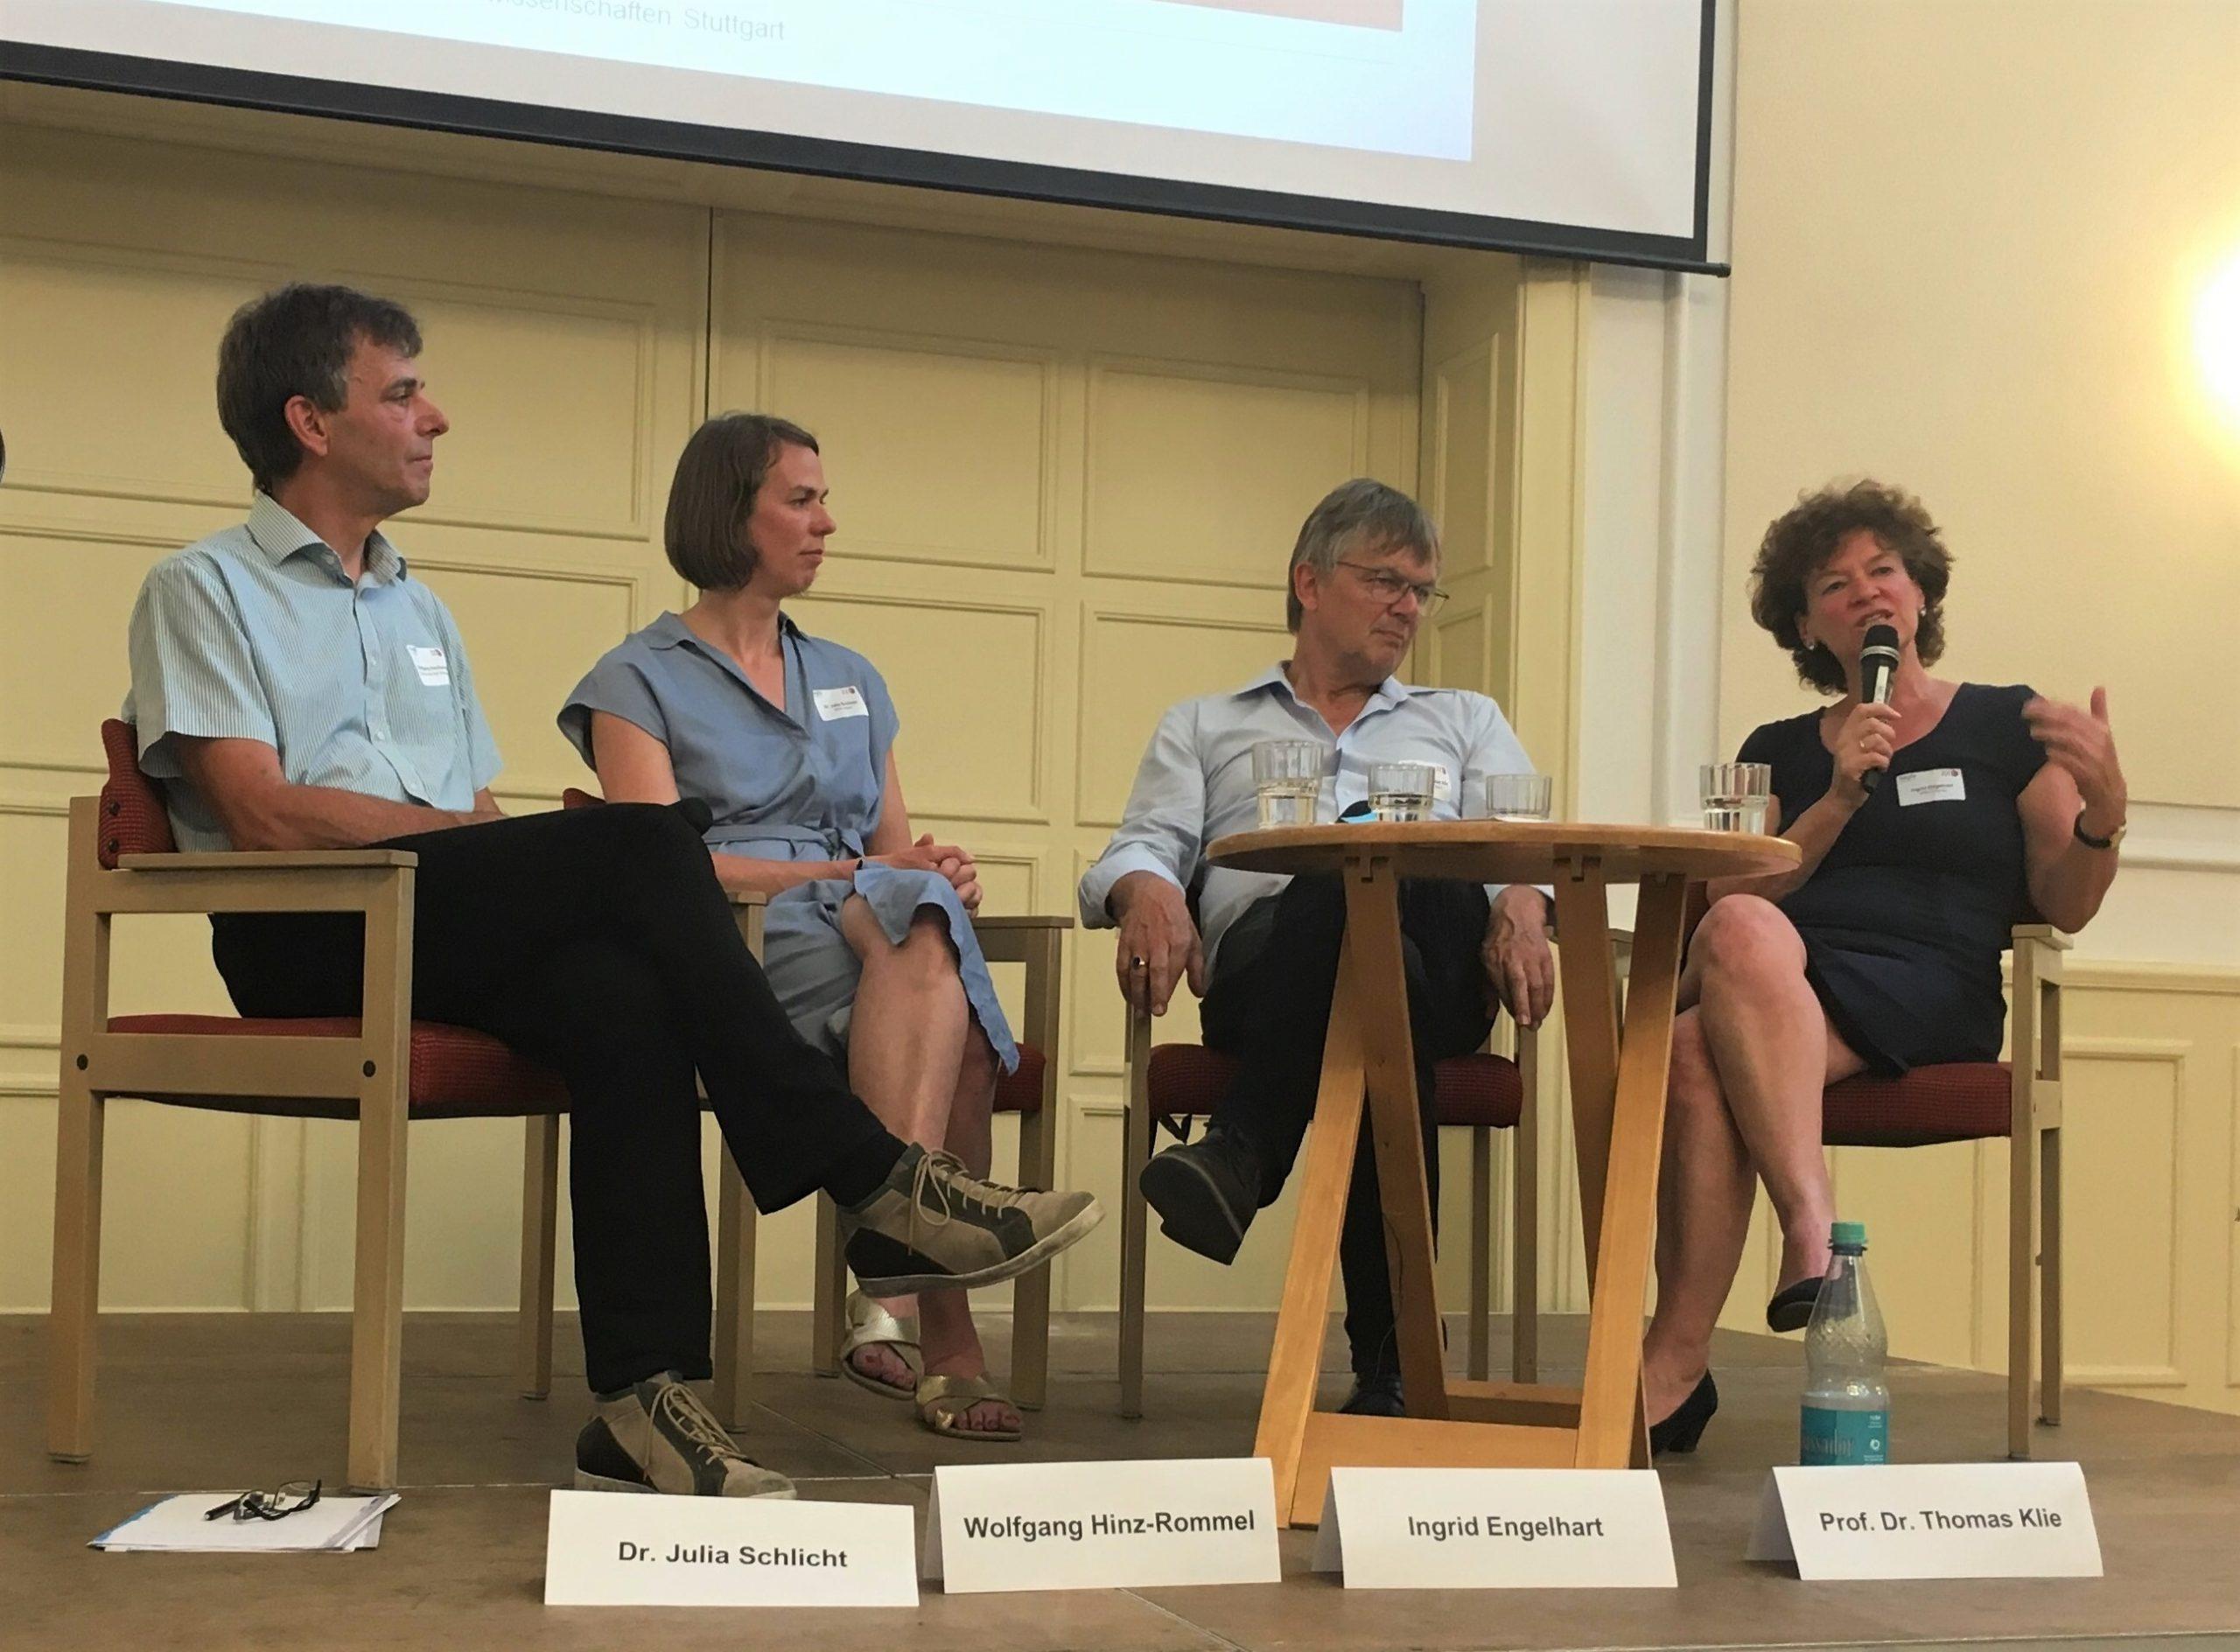 Vier Personen sitzen auf einer Bühne im Halbkreis um einen Beistelltisch. Die Frau auf der rechten Seite spricht in ein Mikrofon.